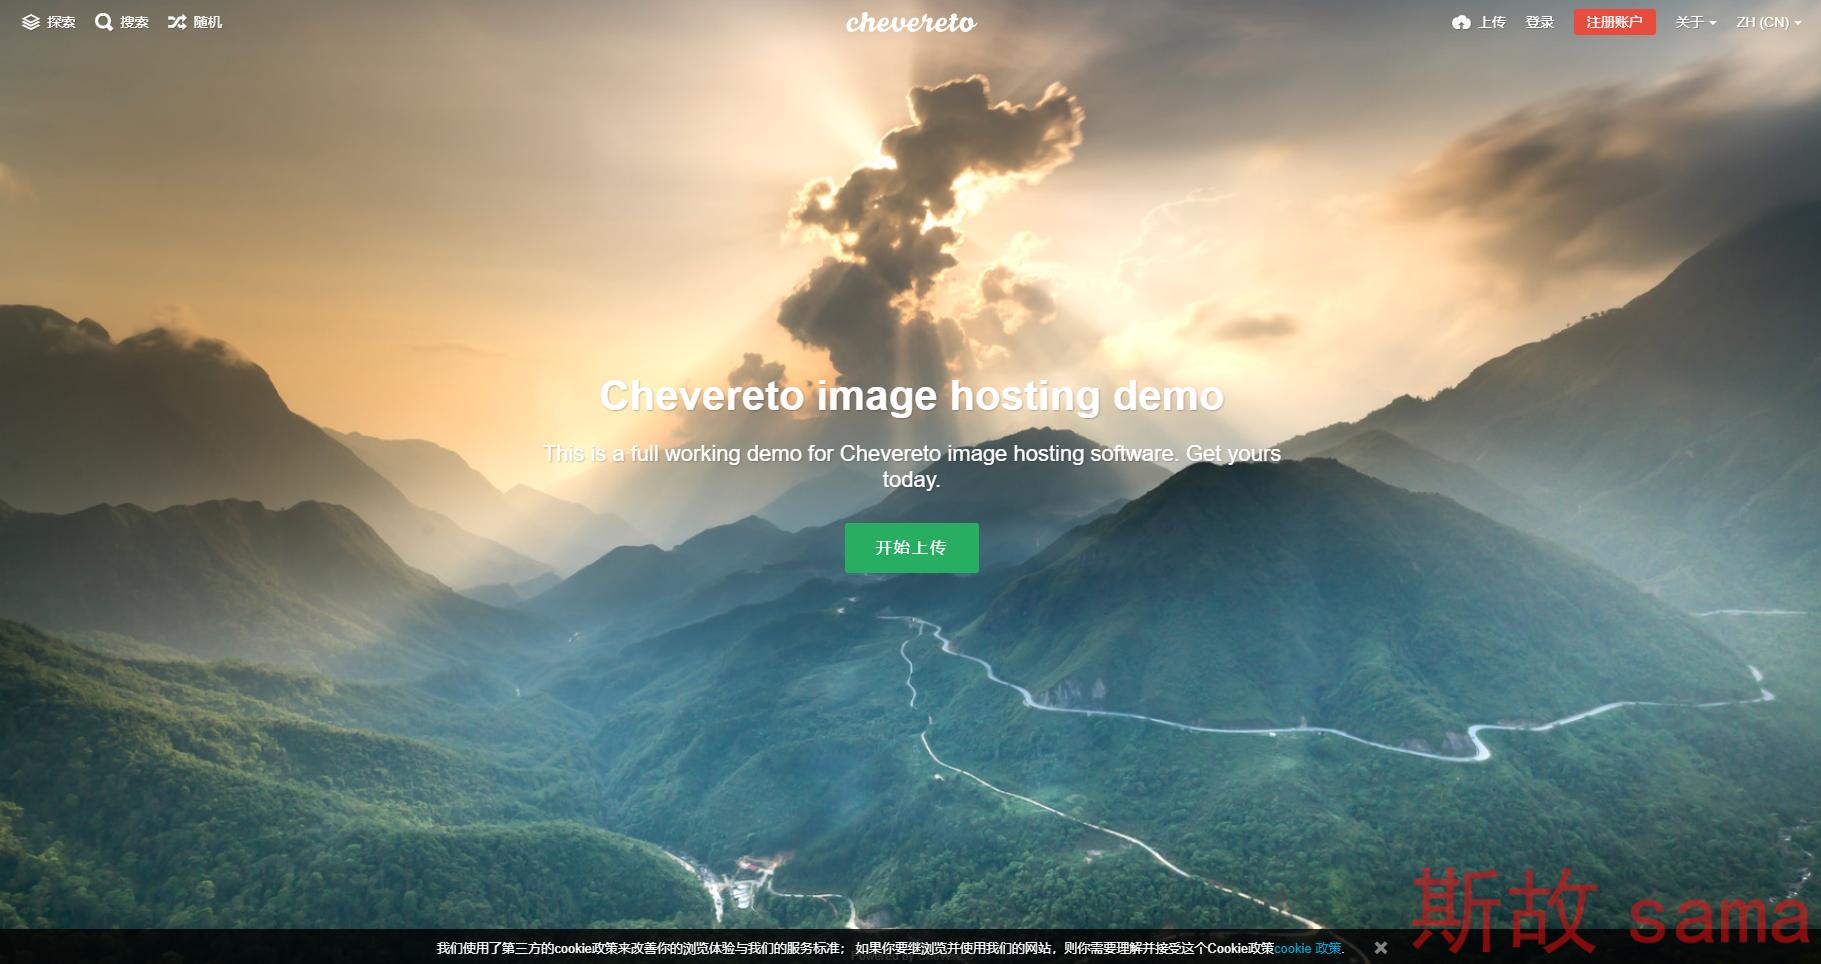 Chevereto——目前最优秀的图床软件